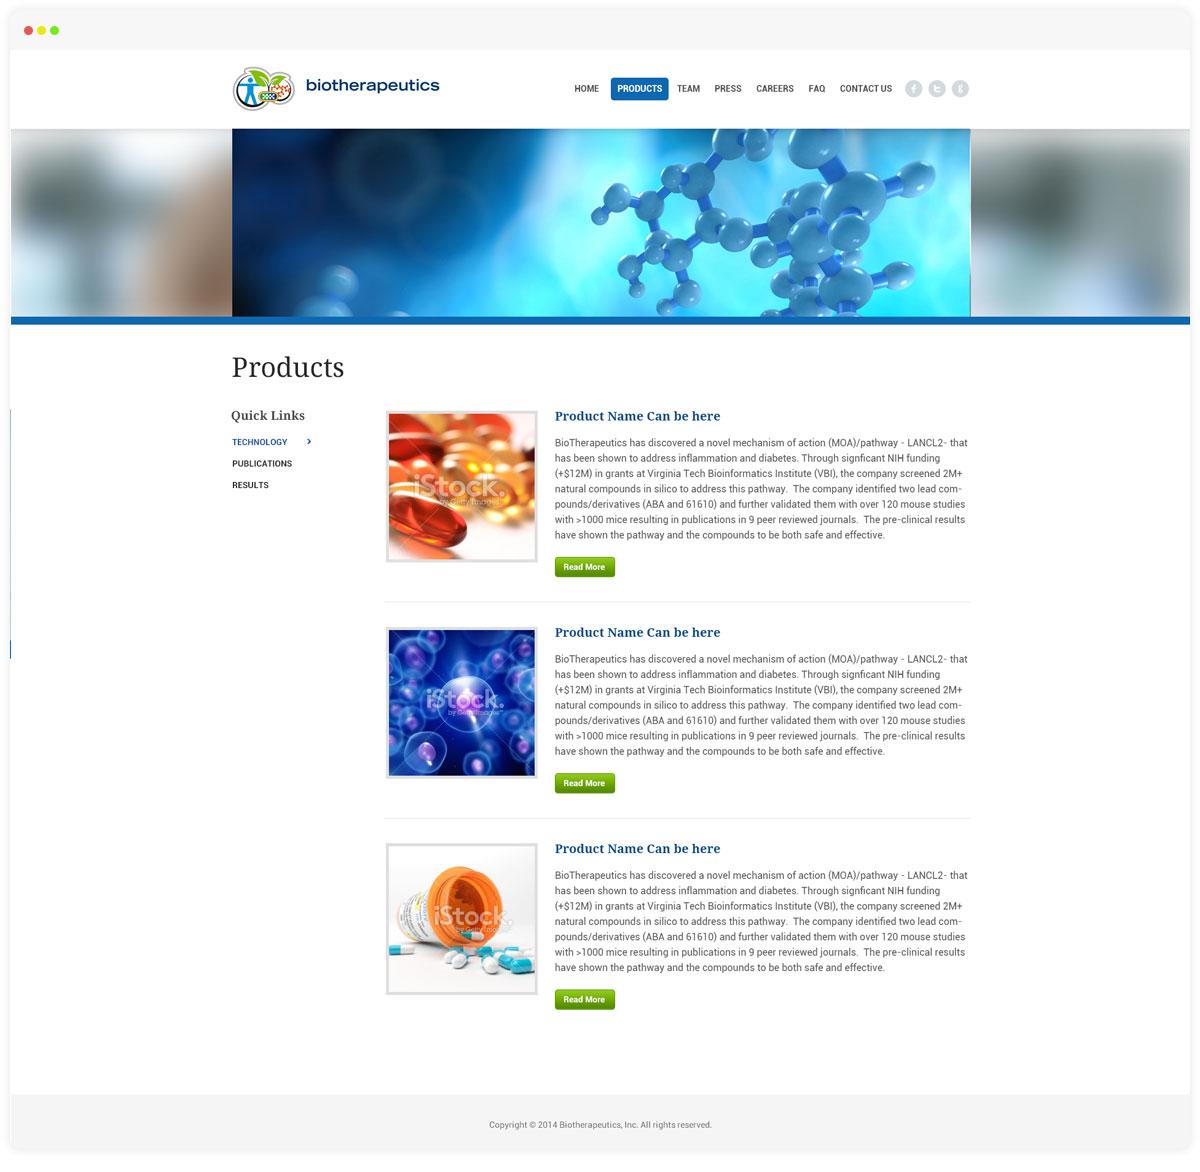 Biotherepeutics Porduct Page